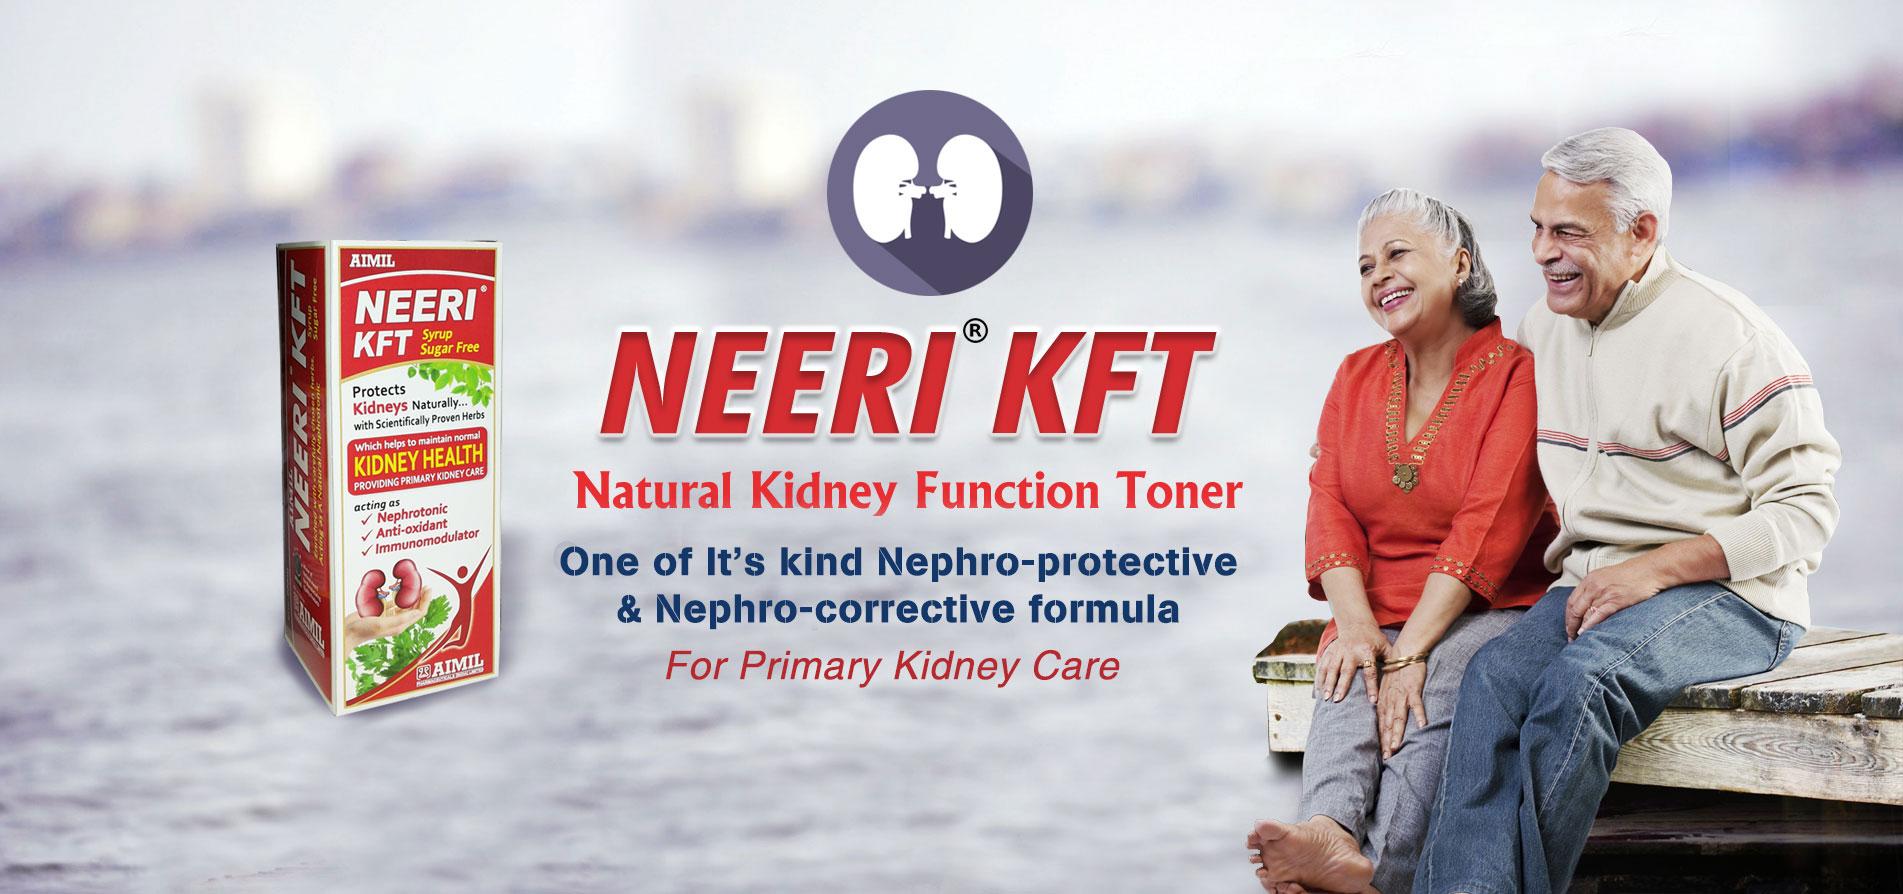 Neeri KFT – Aimil Pharmaceuticals